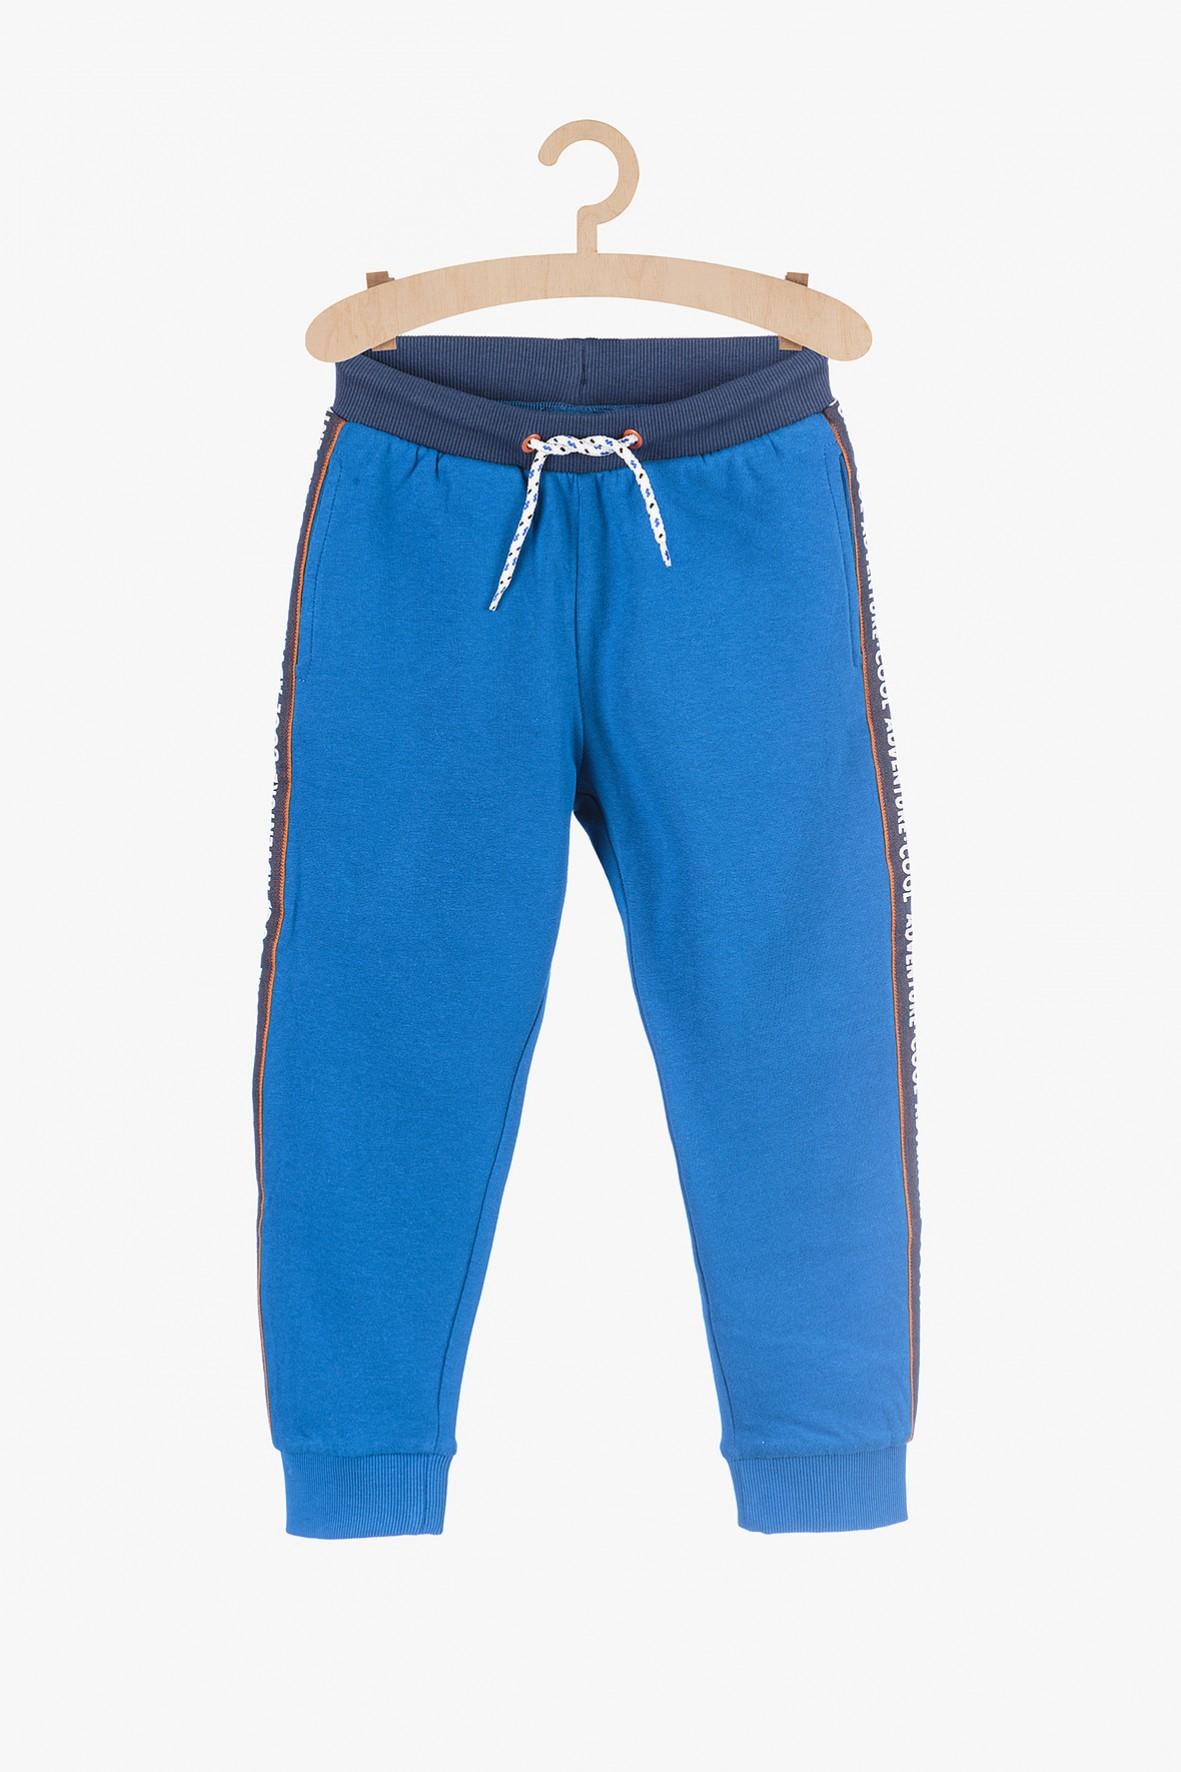 Niebieskie spodnie dresowe dla chłopca